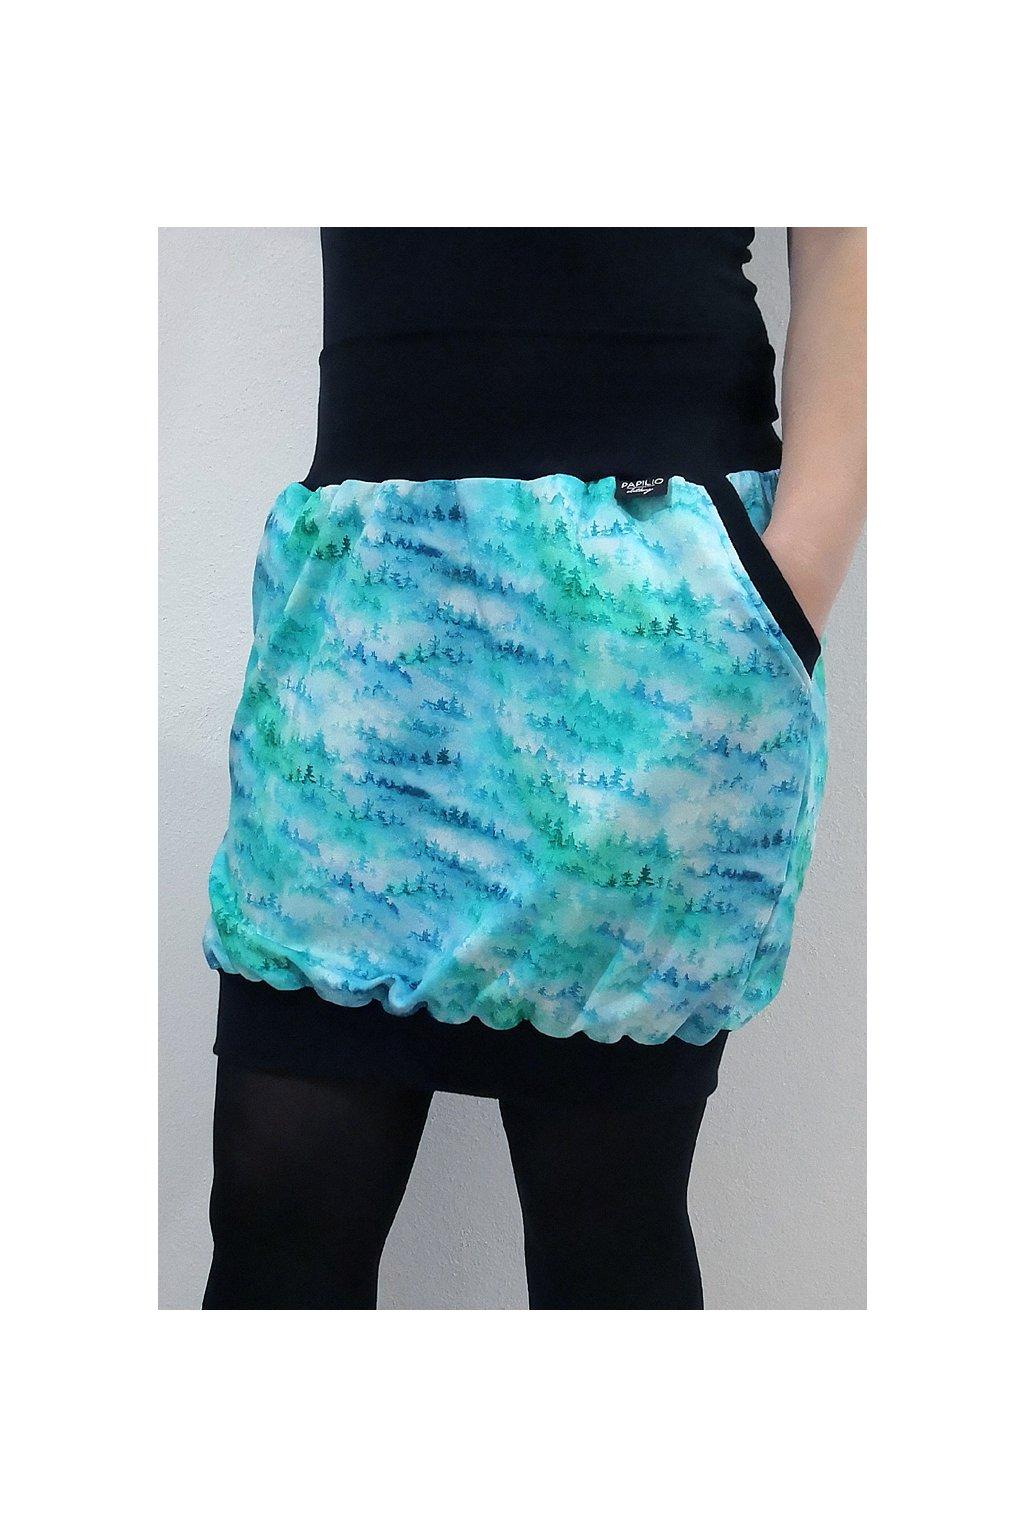 SKLADEM - Balonová sukně do nápletu LES, velikost uni, délka 52 cm | bavlněný úplet